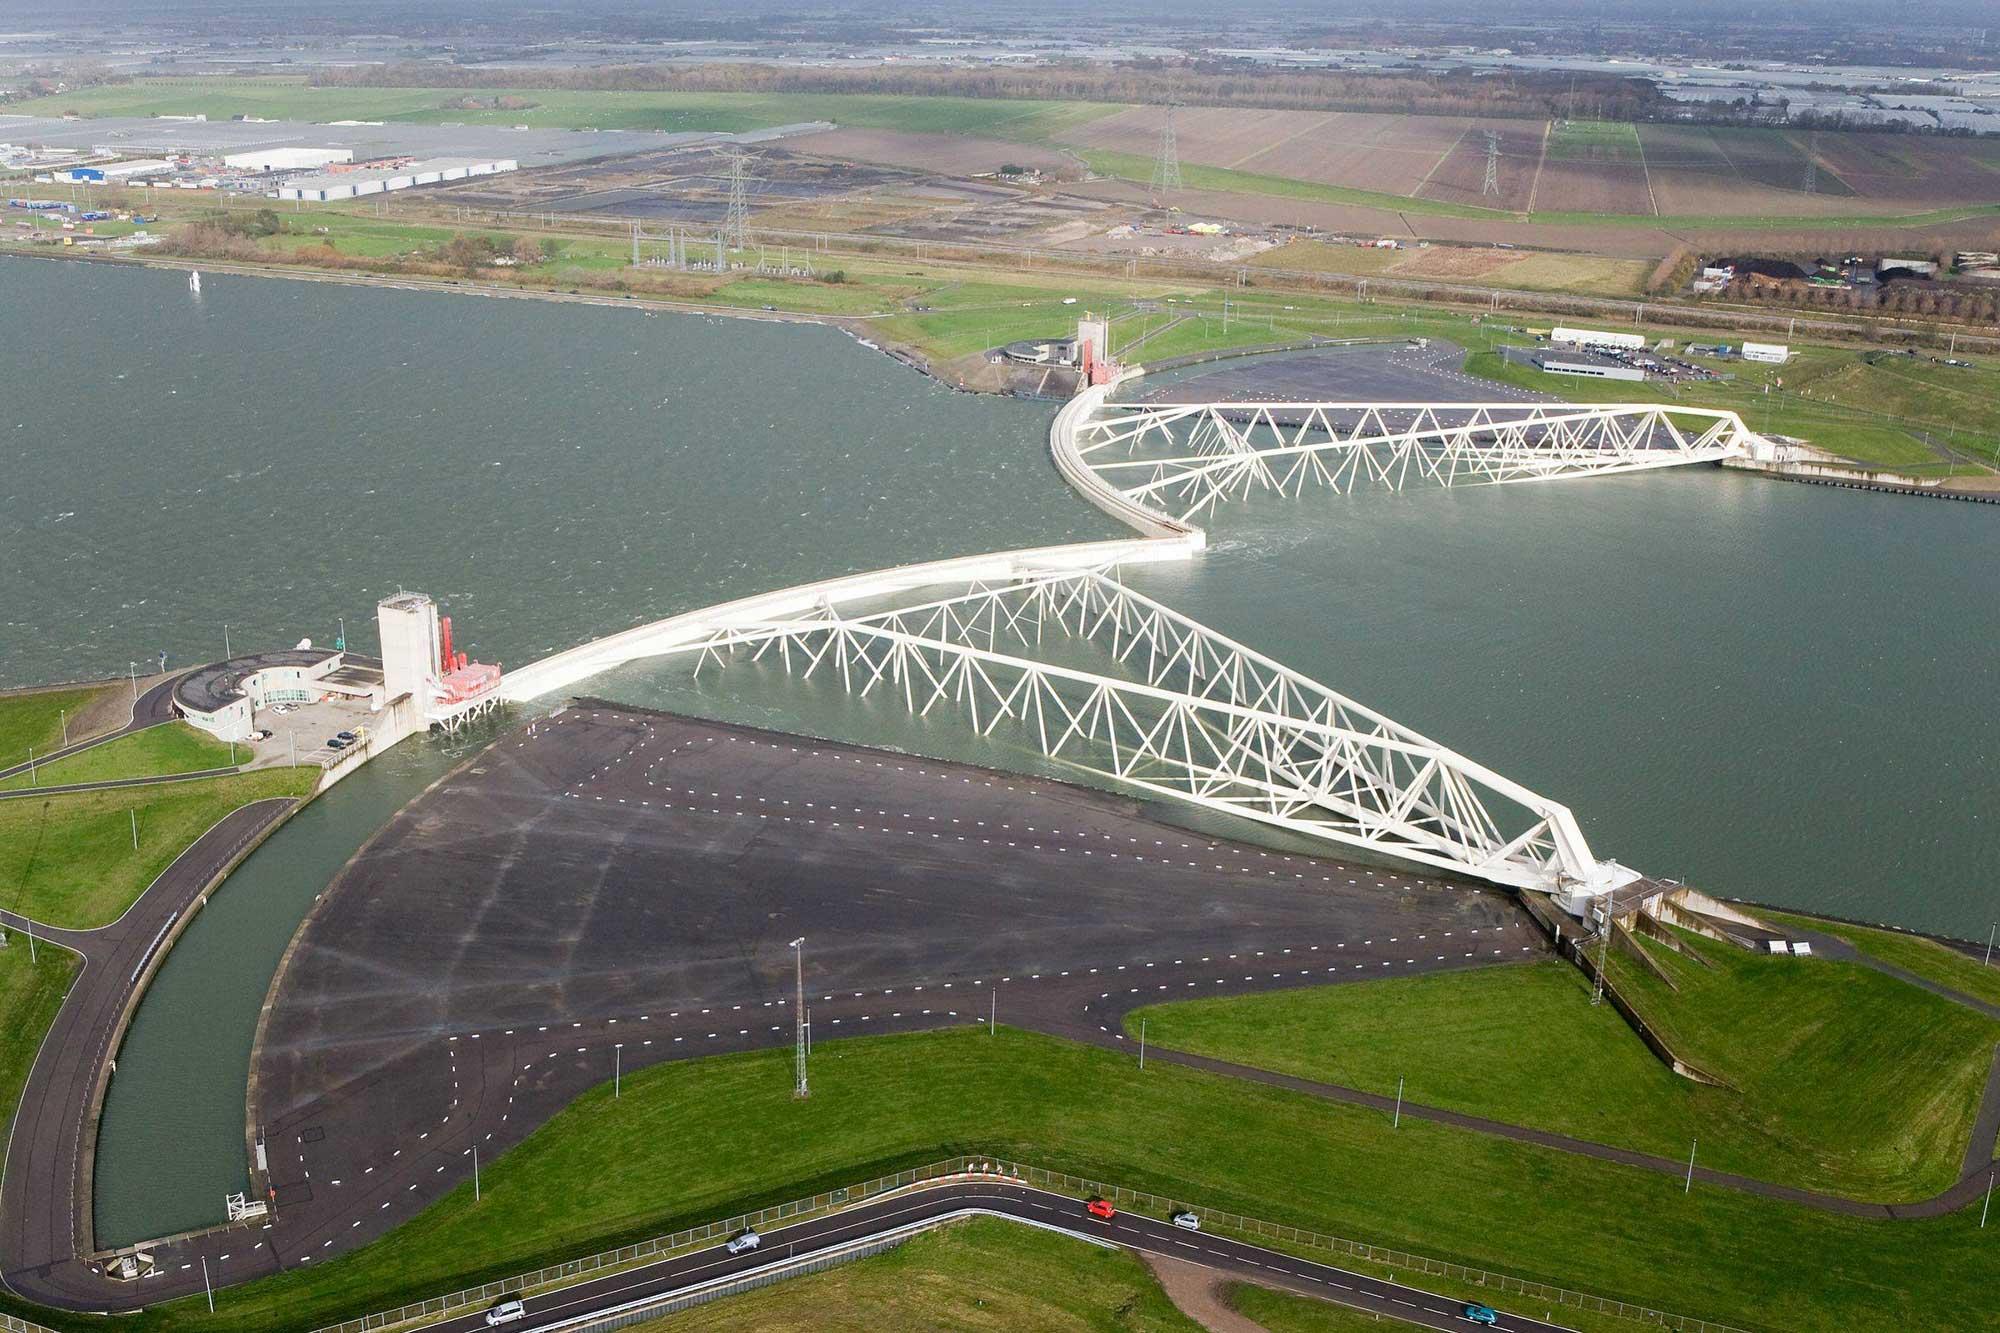 Delta Works Holland Holanda Maeslantkering GO experience